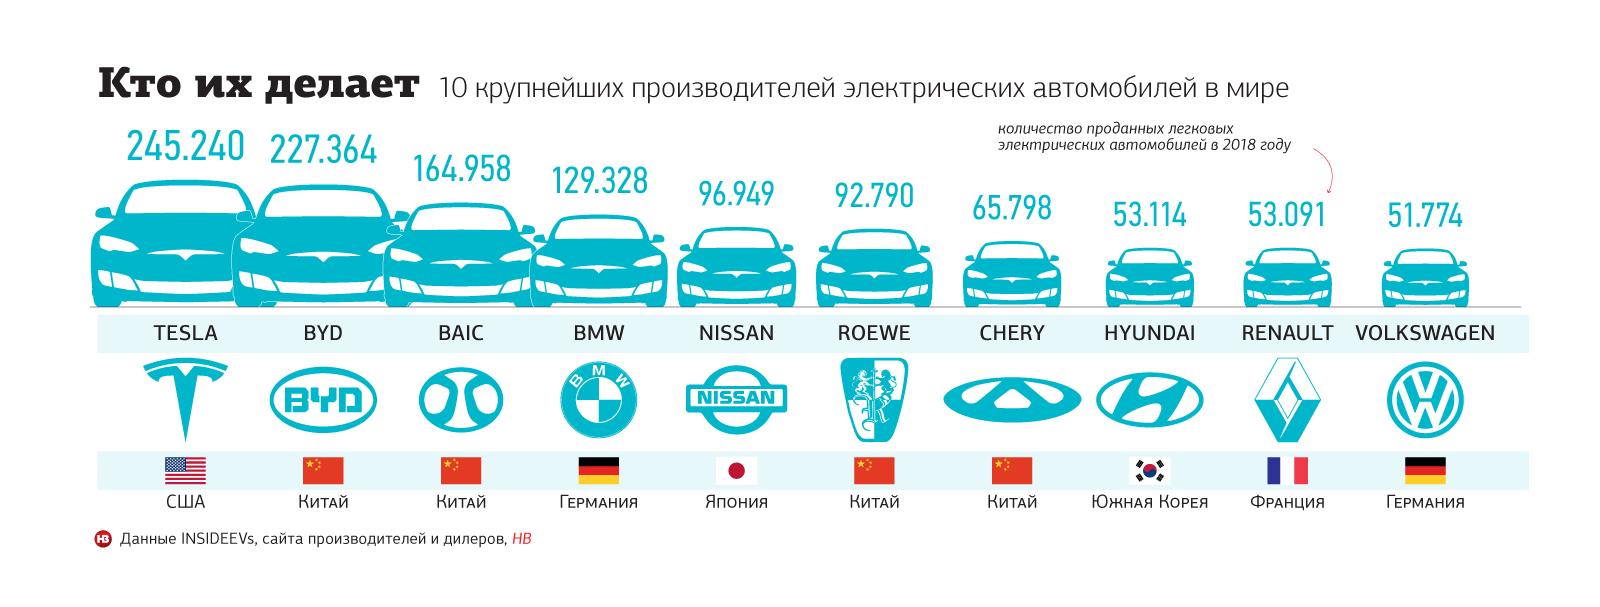 Самые крупные производители электромобилей